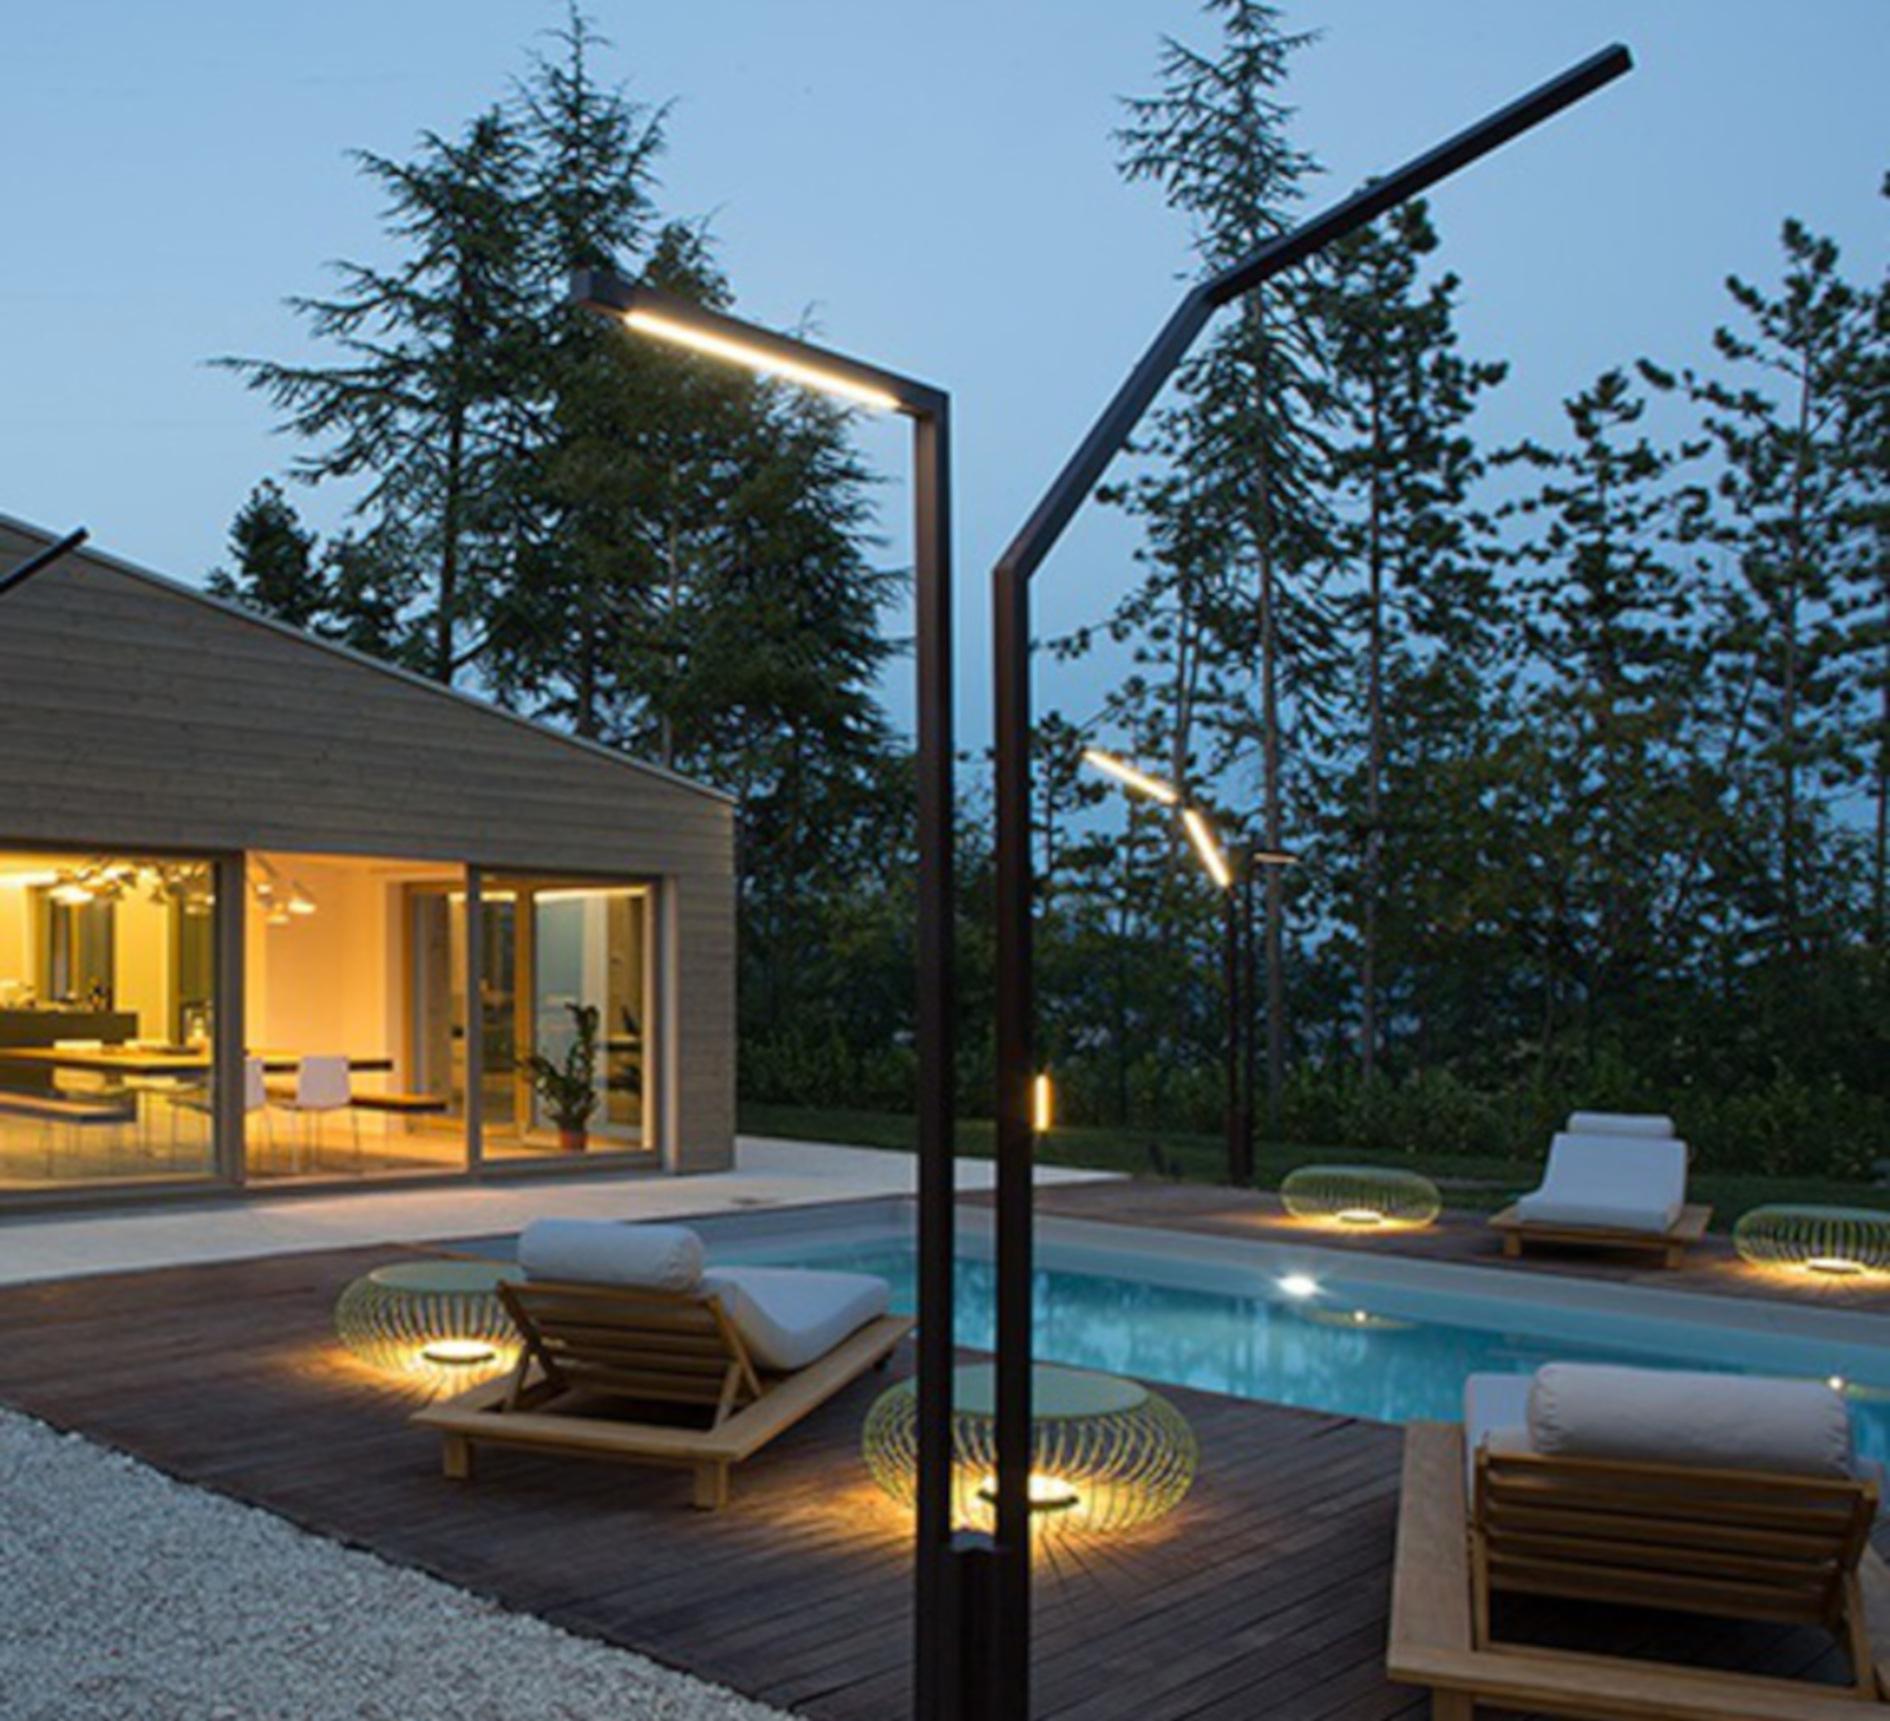 LAMPADAIRE EXTÉRIEUR, MERIDIANO 4710, VERT, IP64,LED, 2700K, 1041LM, Ø64CM, H46CM - VIBIa